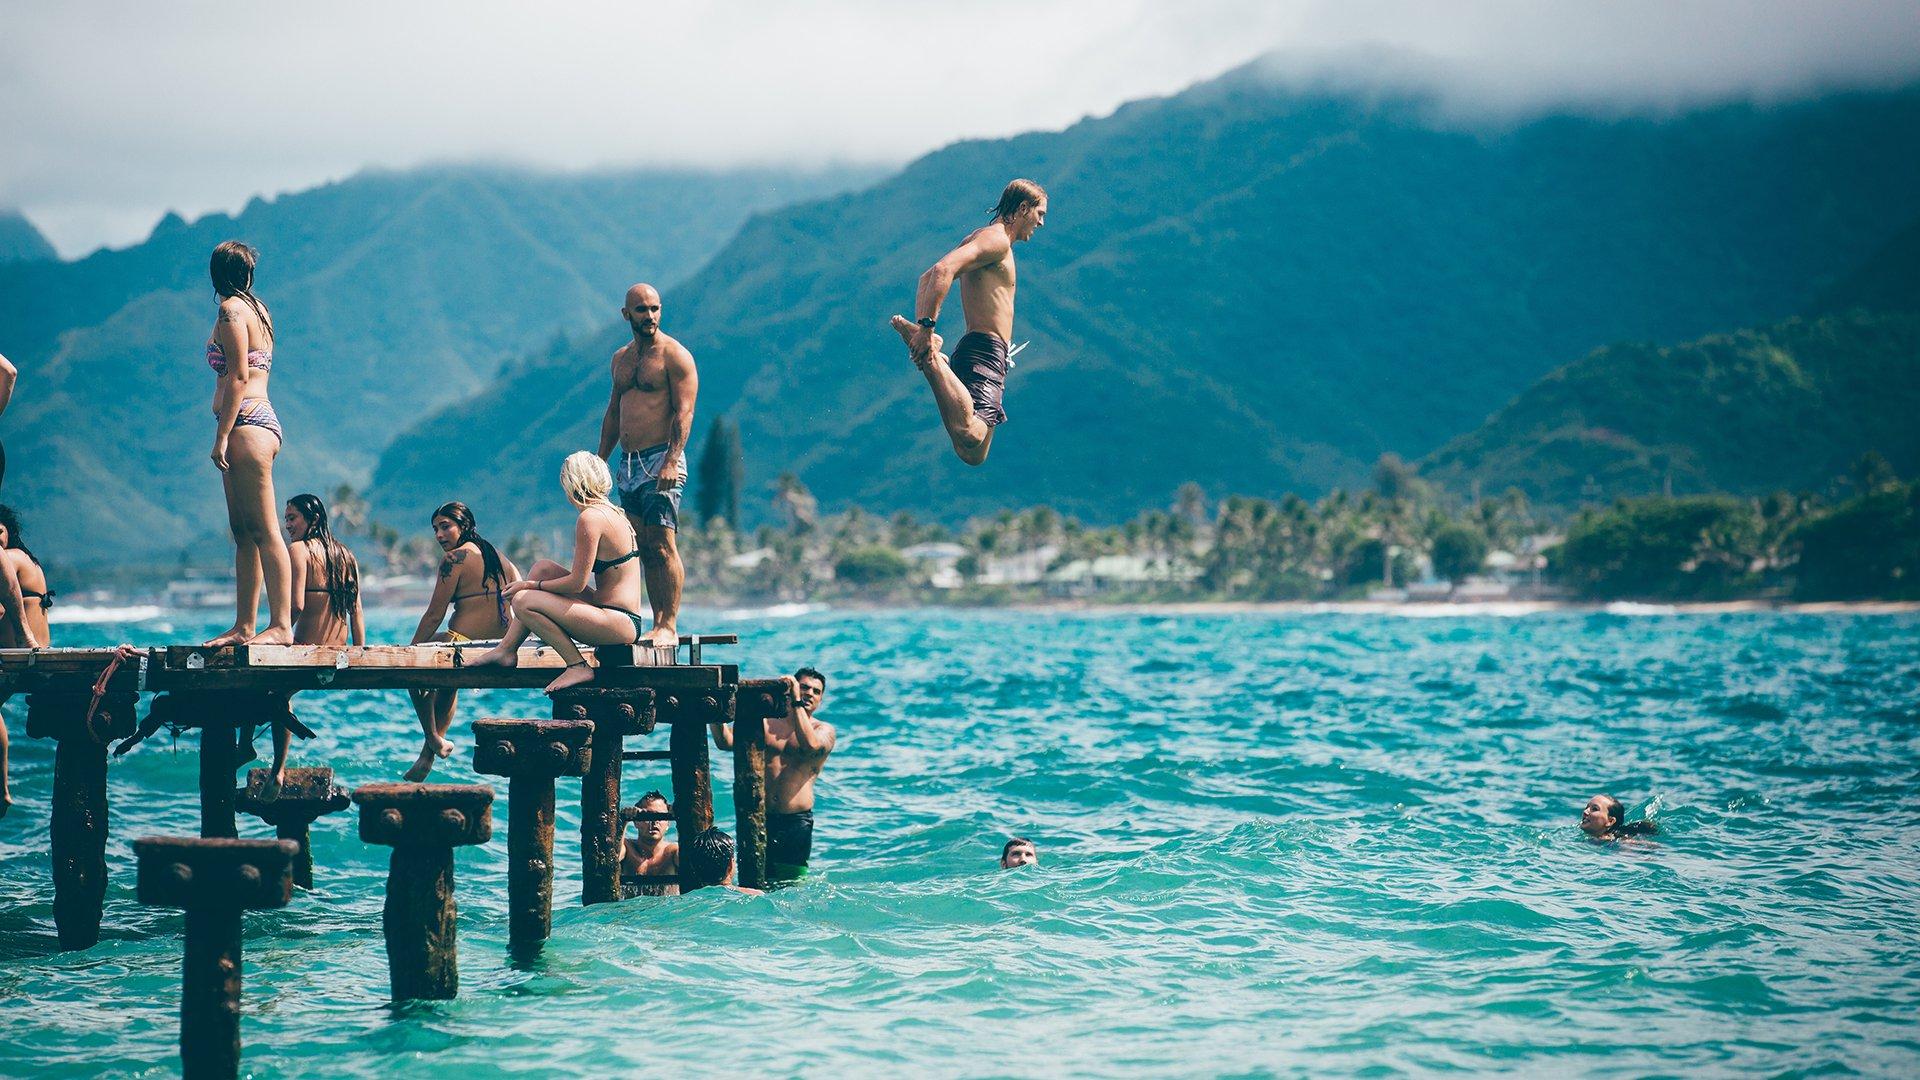 Kilroy-koncernen, der navnlig har mange unge rejsende verden over, skifter rejseforsikringsselskab fra Gouda Rejseforsikring til Europæiske ERV (foto: Kilroy)